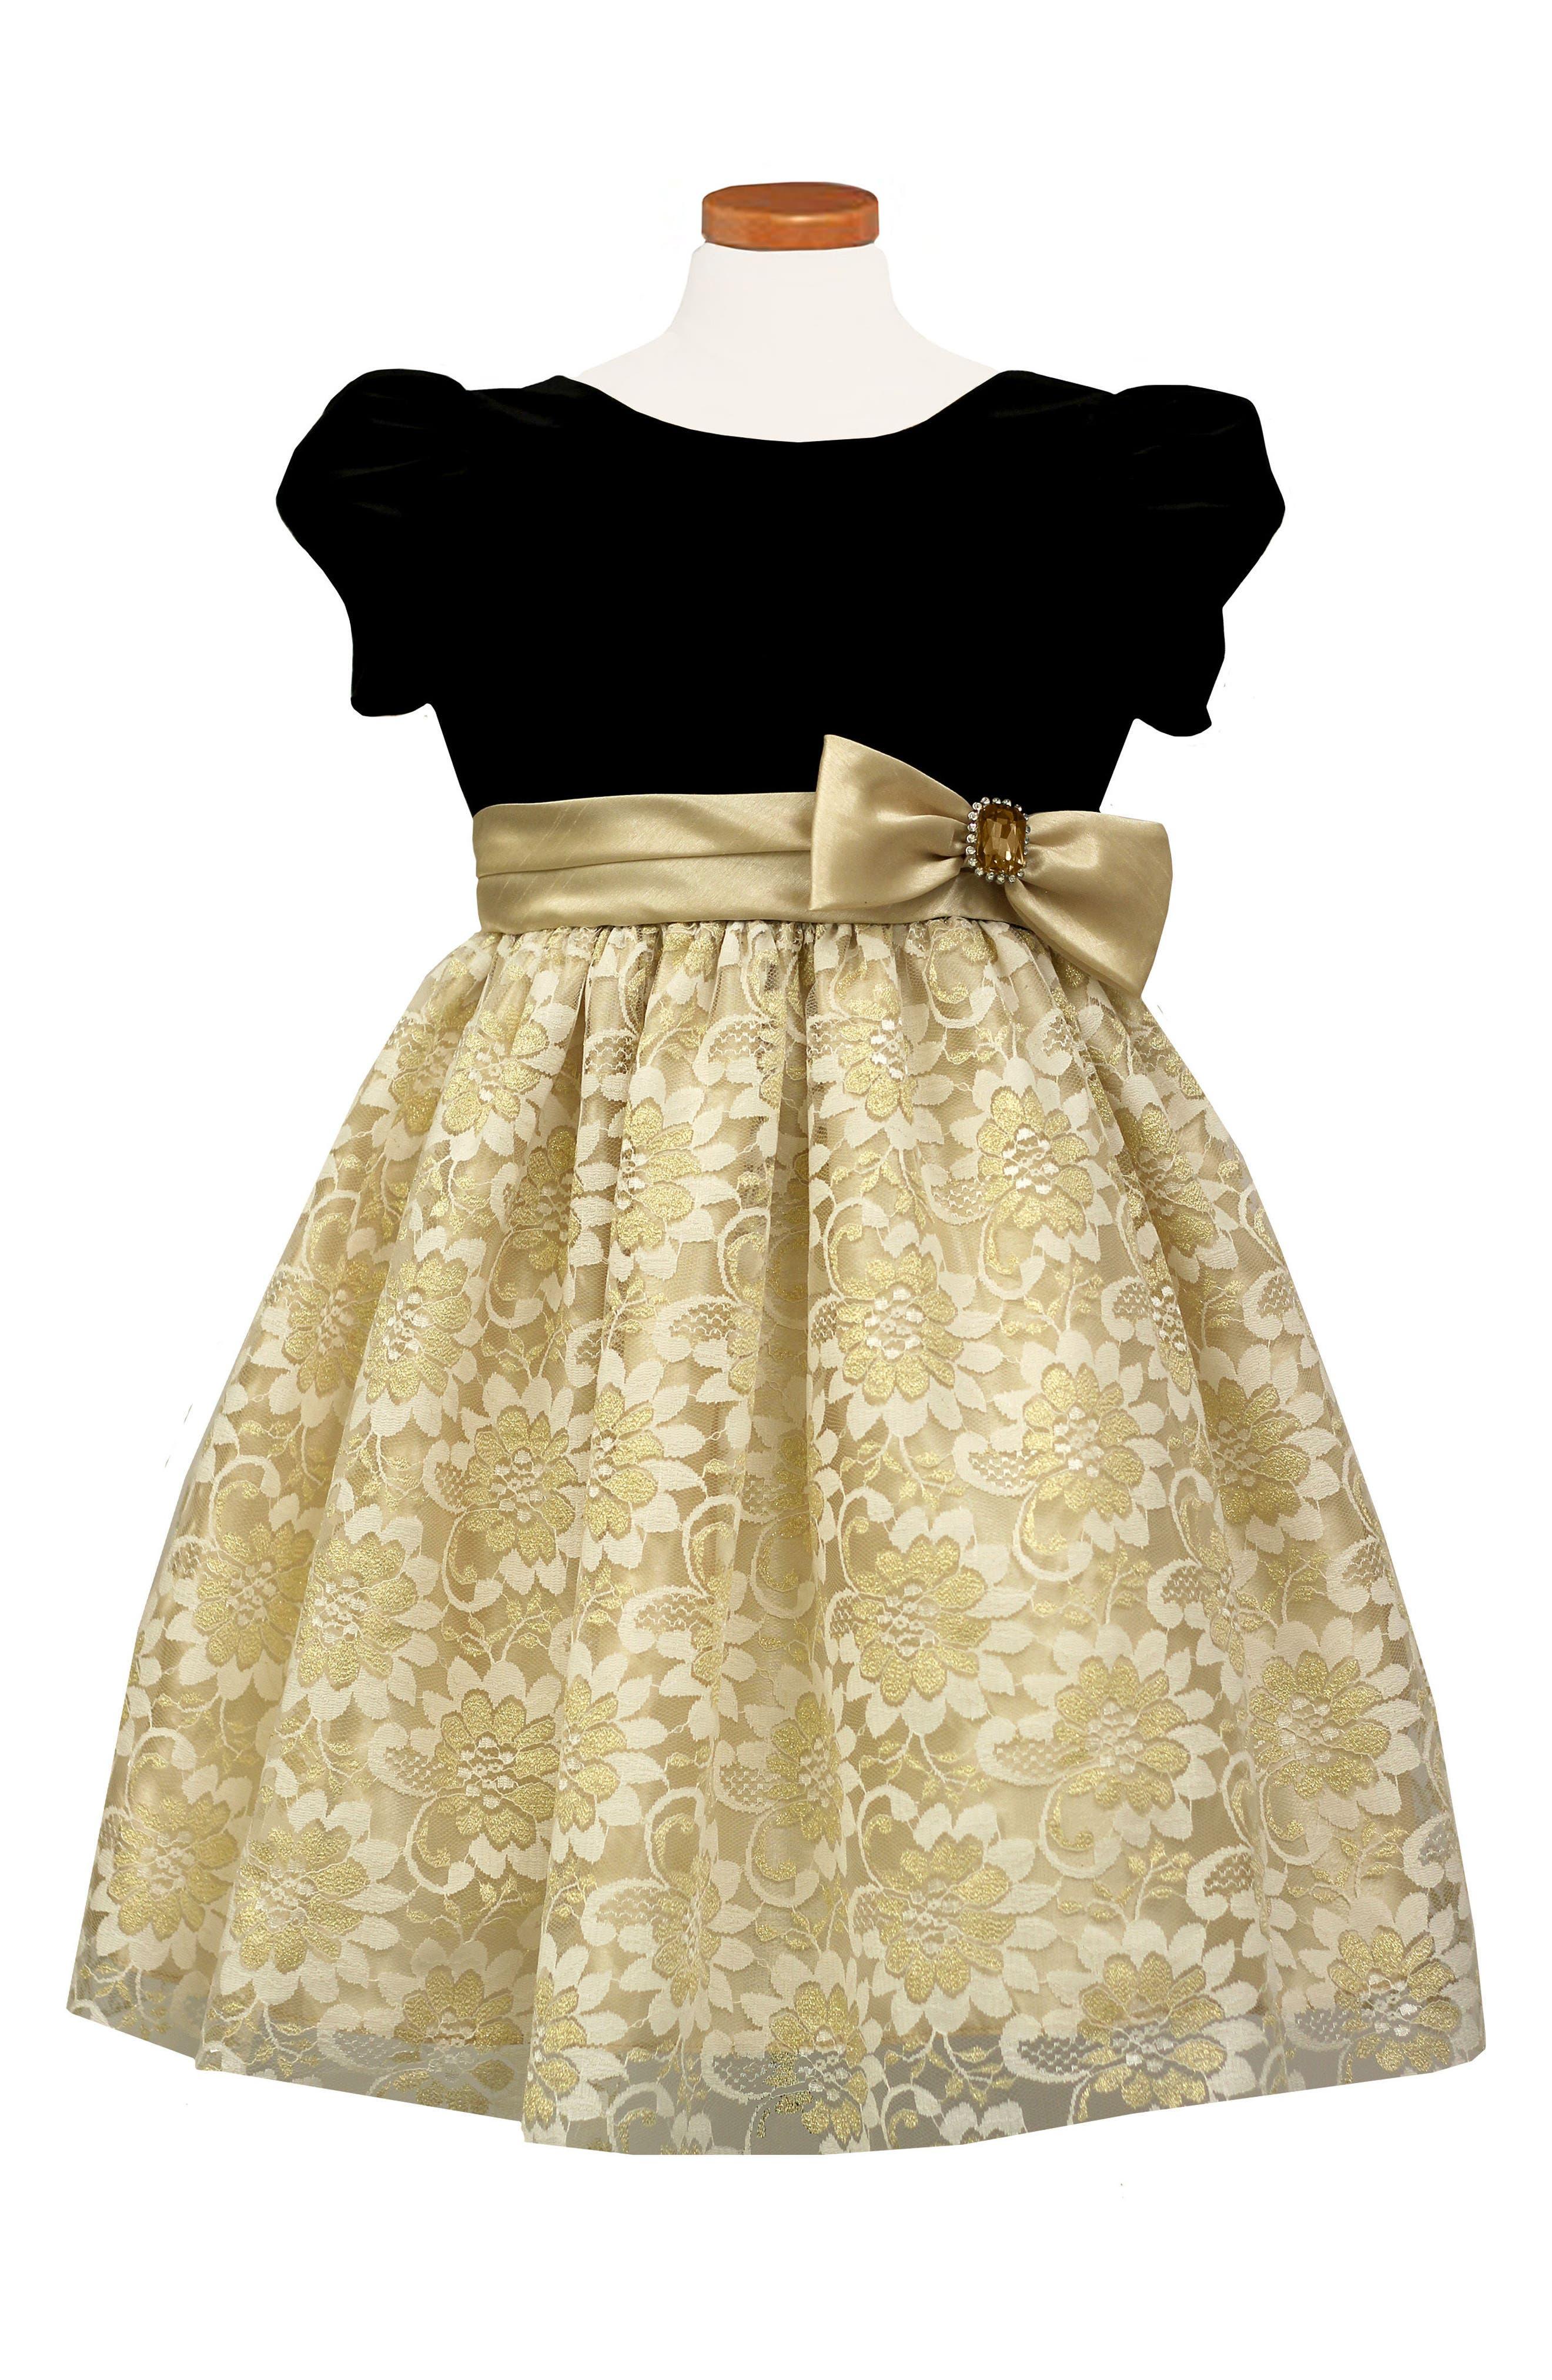 Alternate Image 1 Selected - Sorbet Velvet & Lace Dress (Toddler Girls & Little Girls)